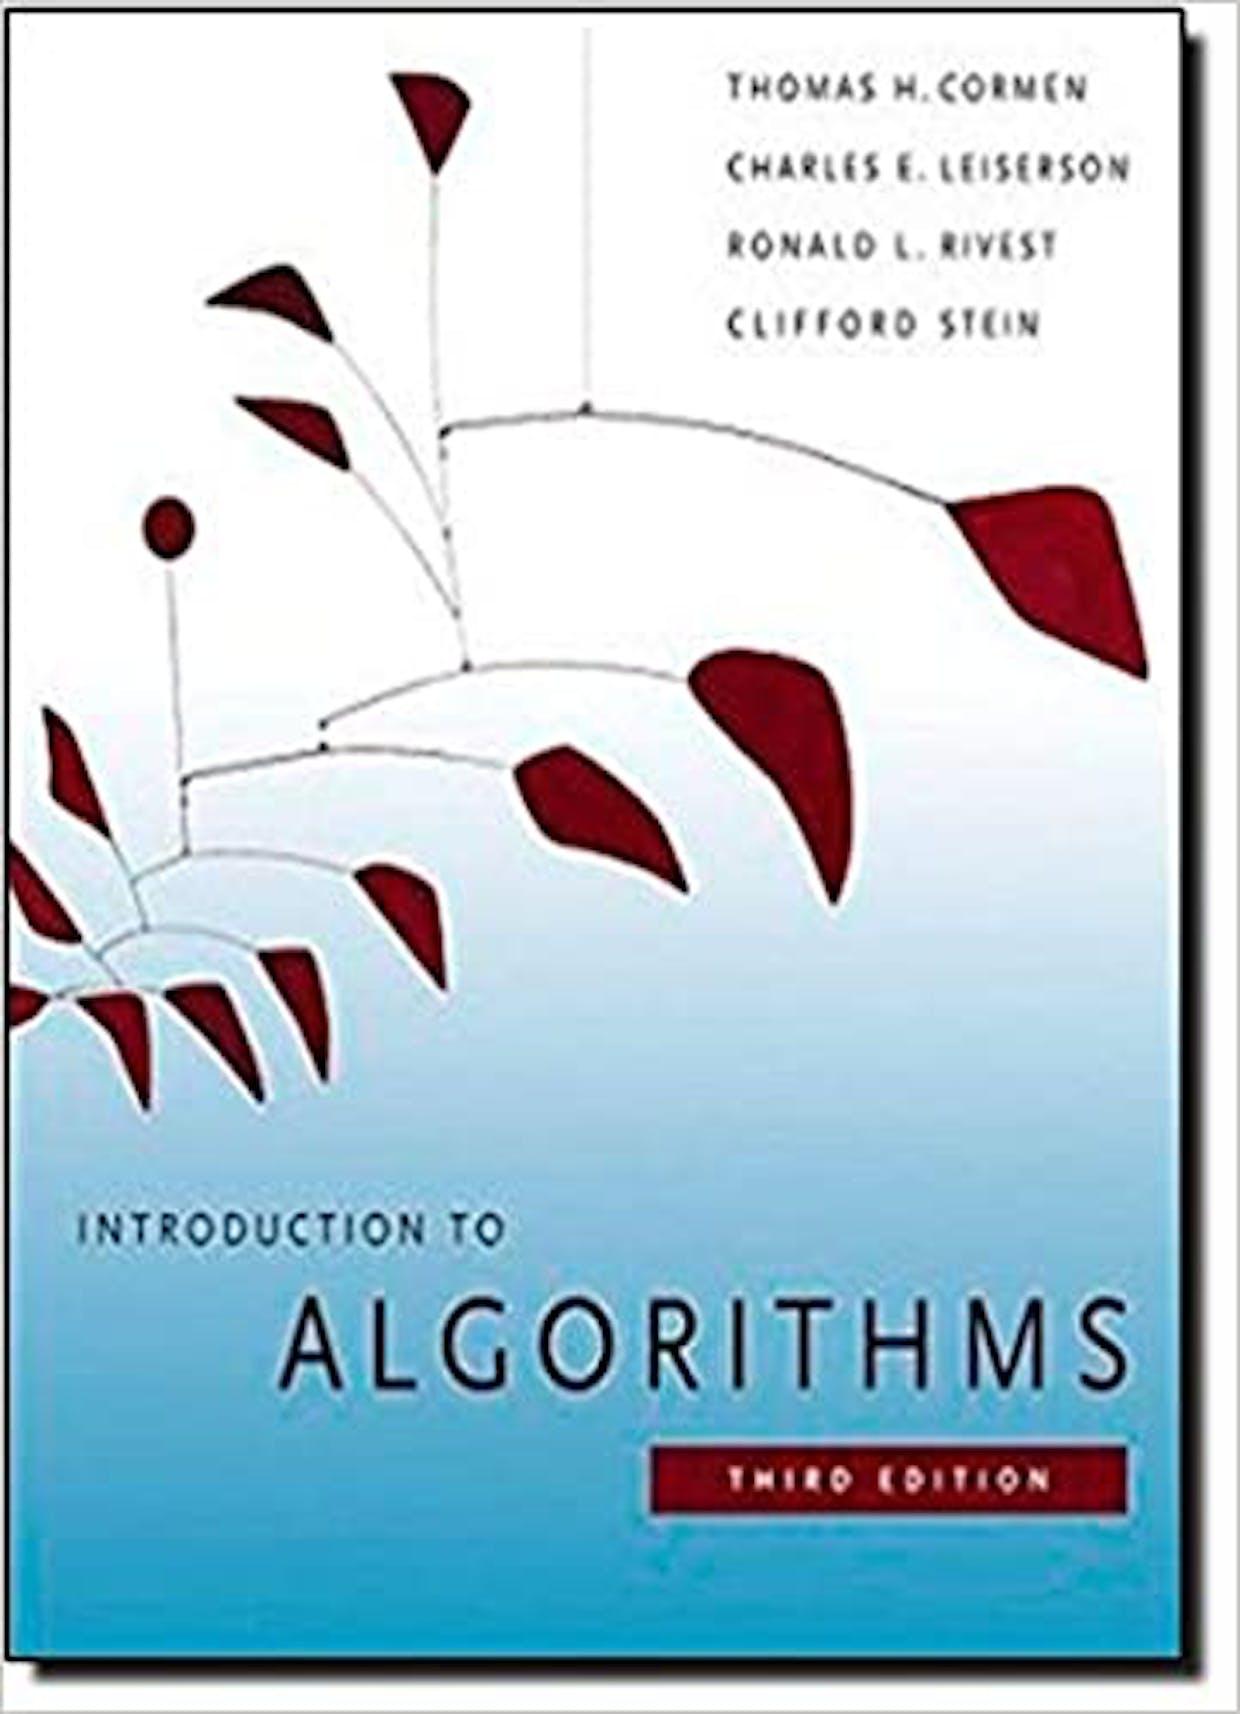 چه کتاب یا کورسهای خوبی در مورد تفکر الگوریتمی میشناسید که تفکر الگوریتمی رو از مبتدی تا پیشرفته آموزش بدهند؟ یا کتاب یا سایتهایی را معرفی کنید که راهنمایی کنند تا چگونه راه حلی برای یک مسئله پیدا کنیم؟ (ترجیحا کورس یا کتابی که به زبان پایتون توضیح بدهد)